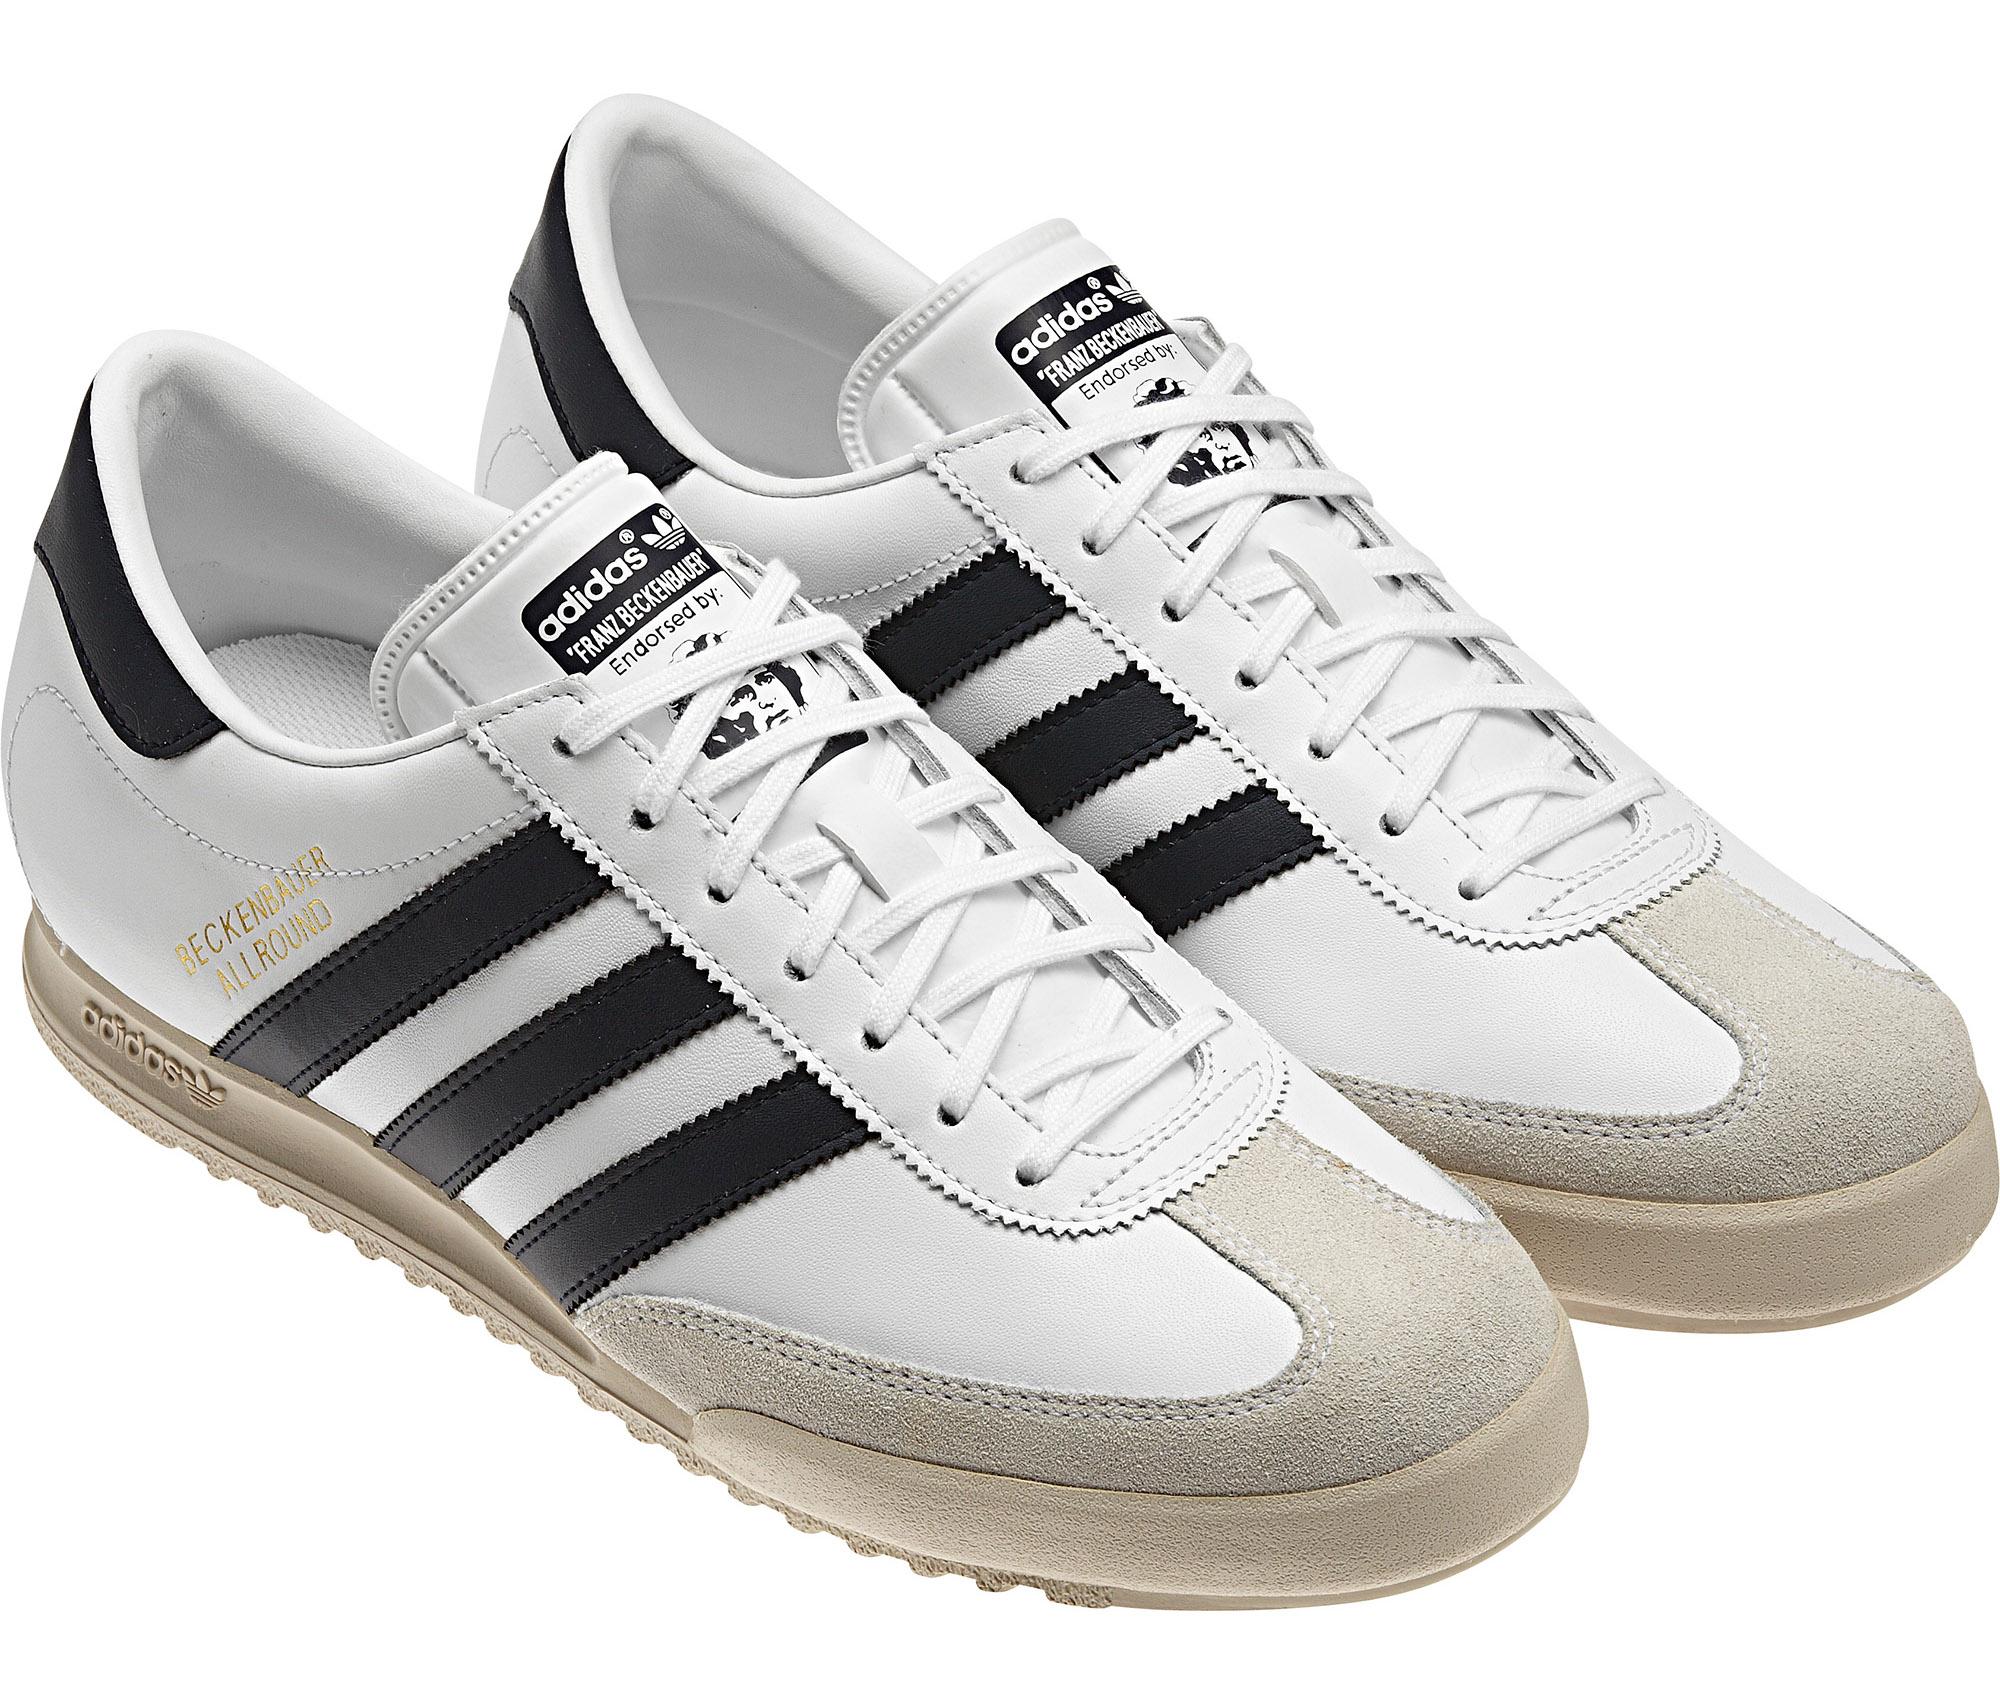 adidas beckenbauer originals